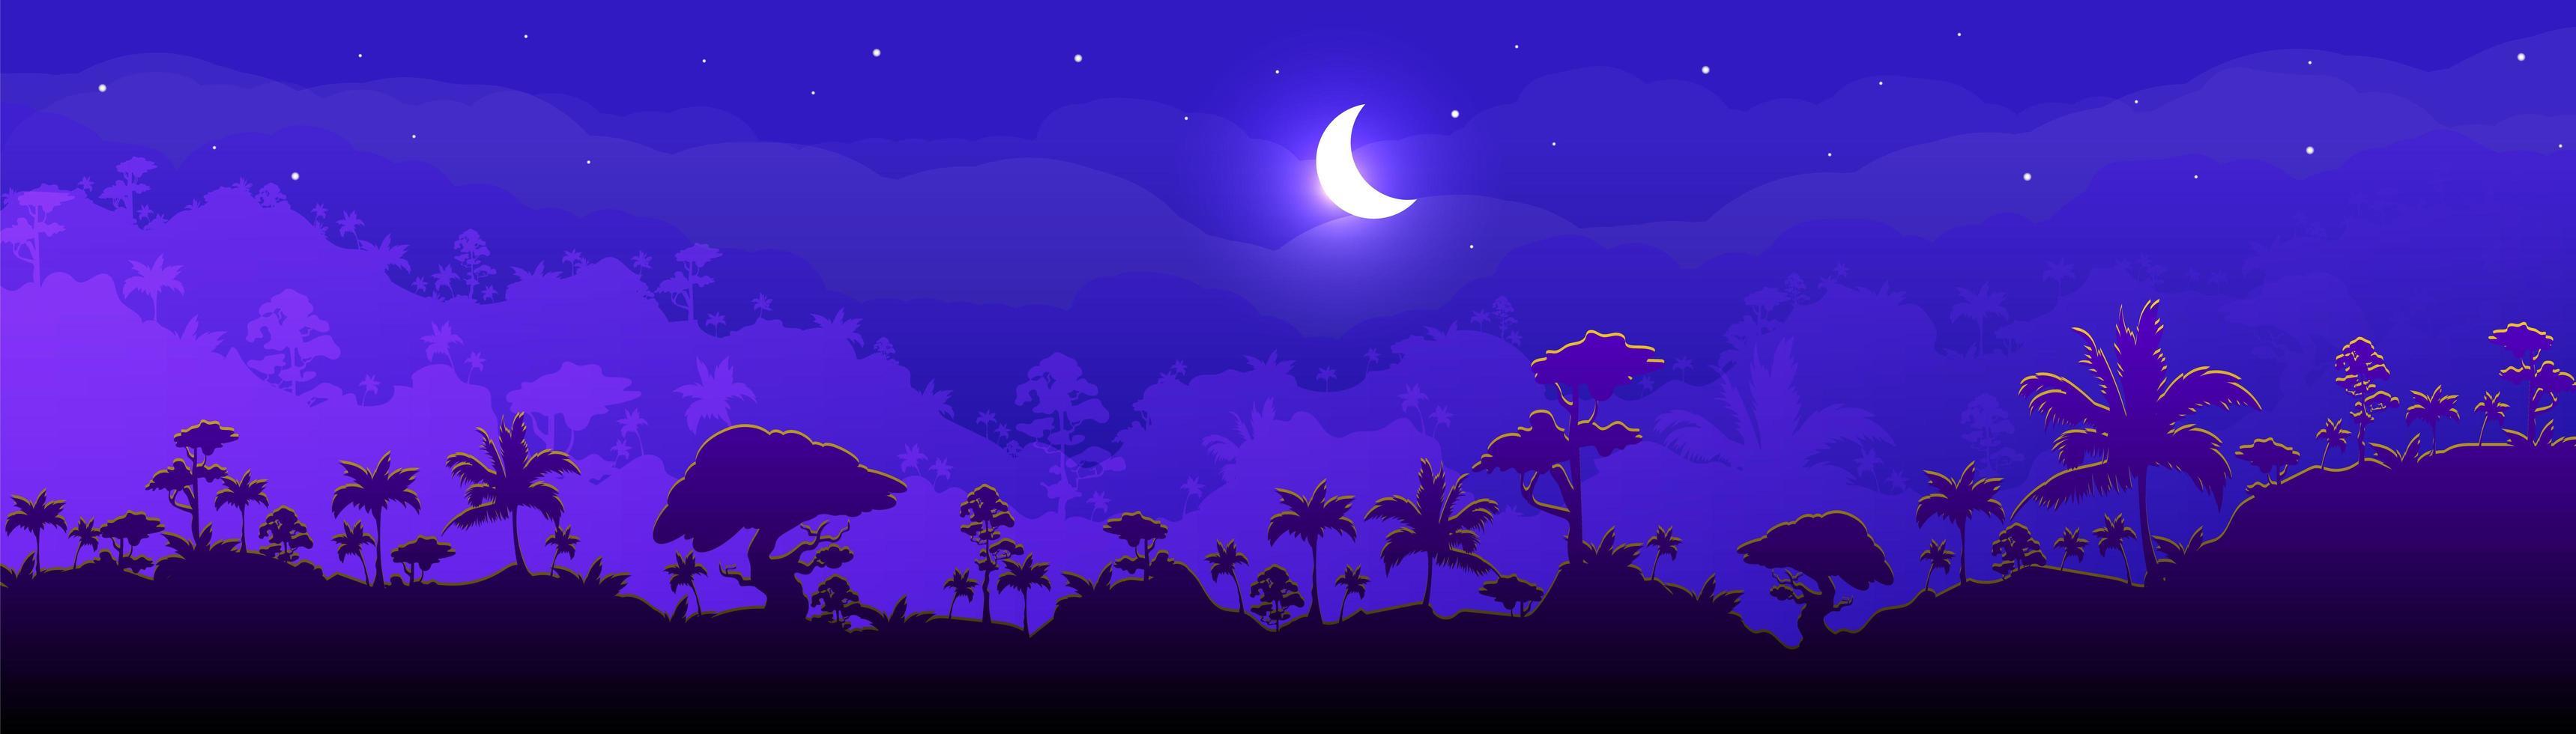 natt skog landskap vektor